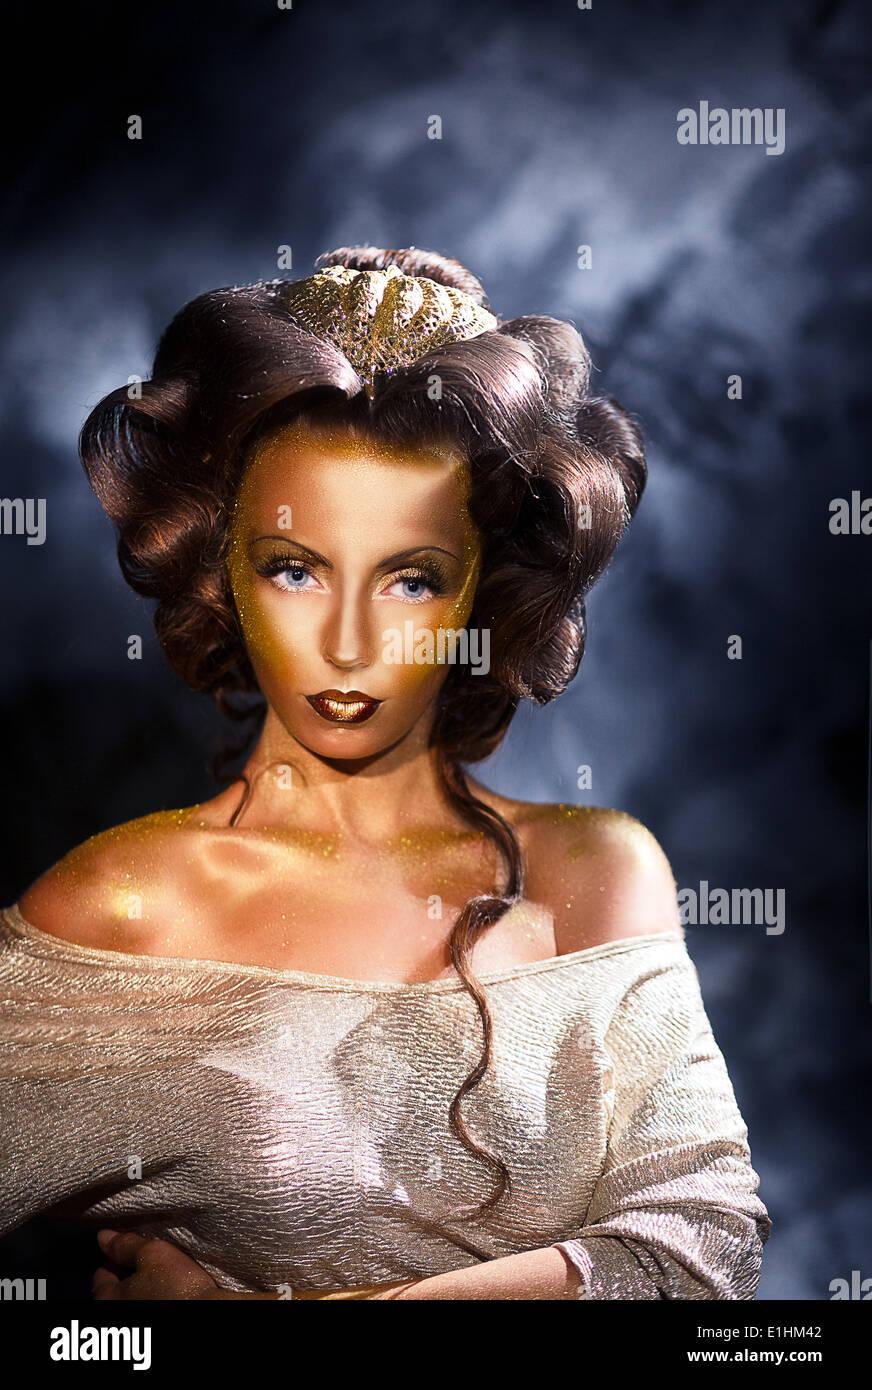 Colorazione. Ritratto di donna con stile con Golden pelle colorata Immagini Stock